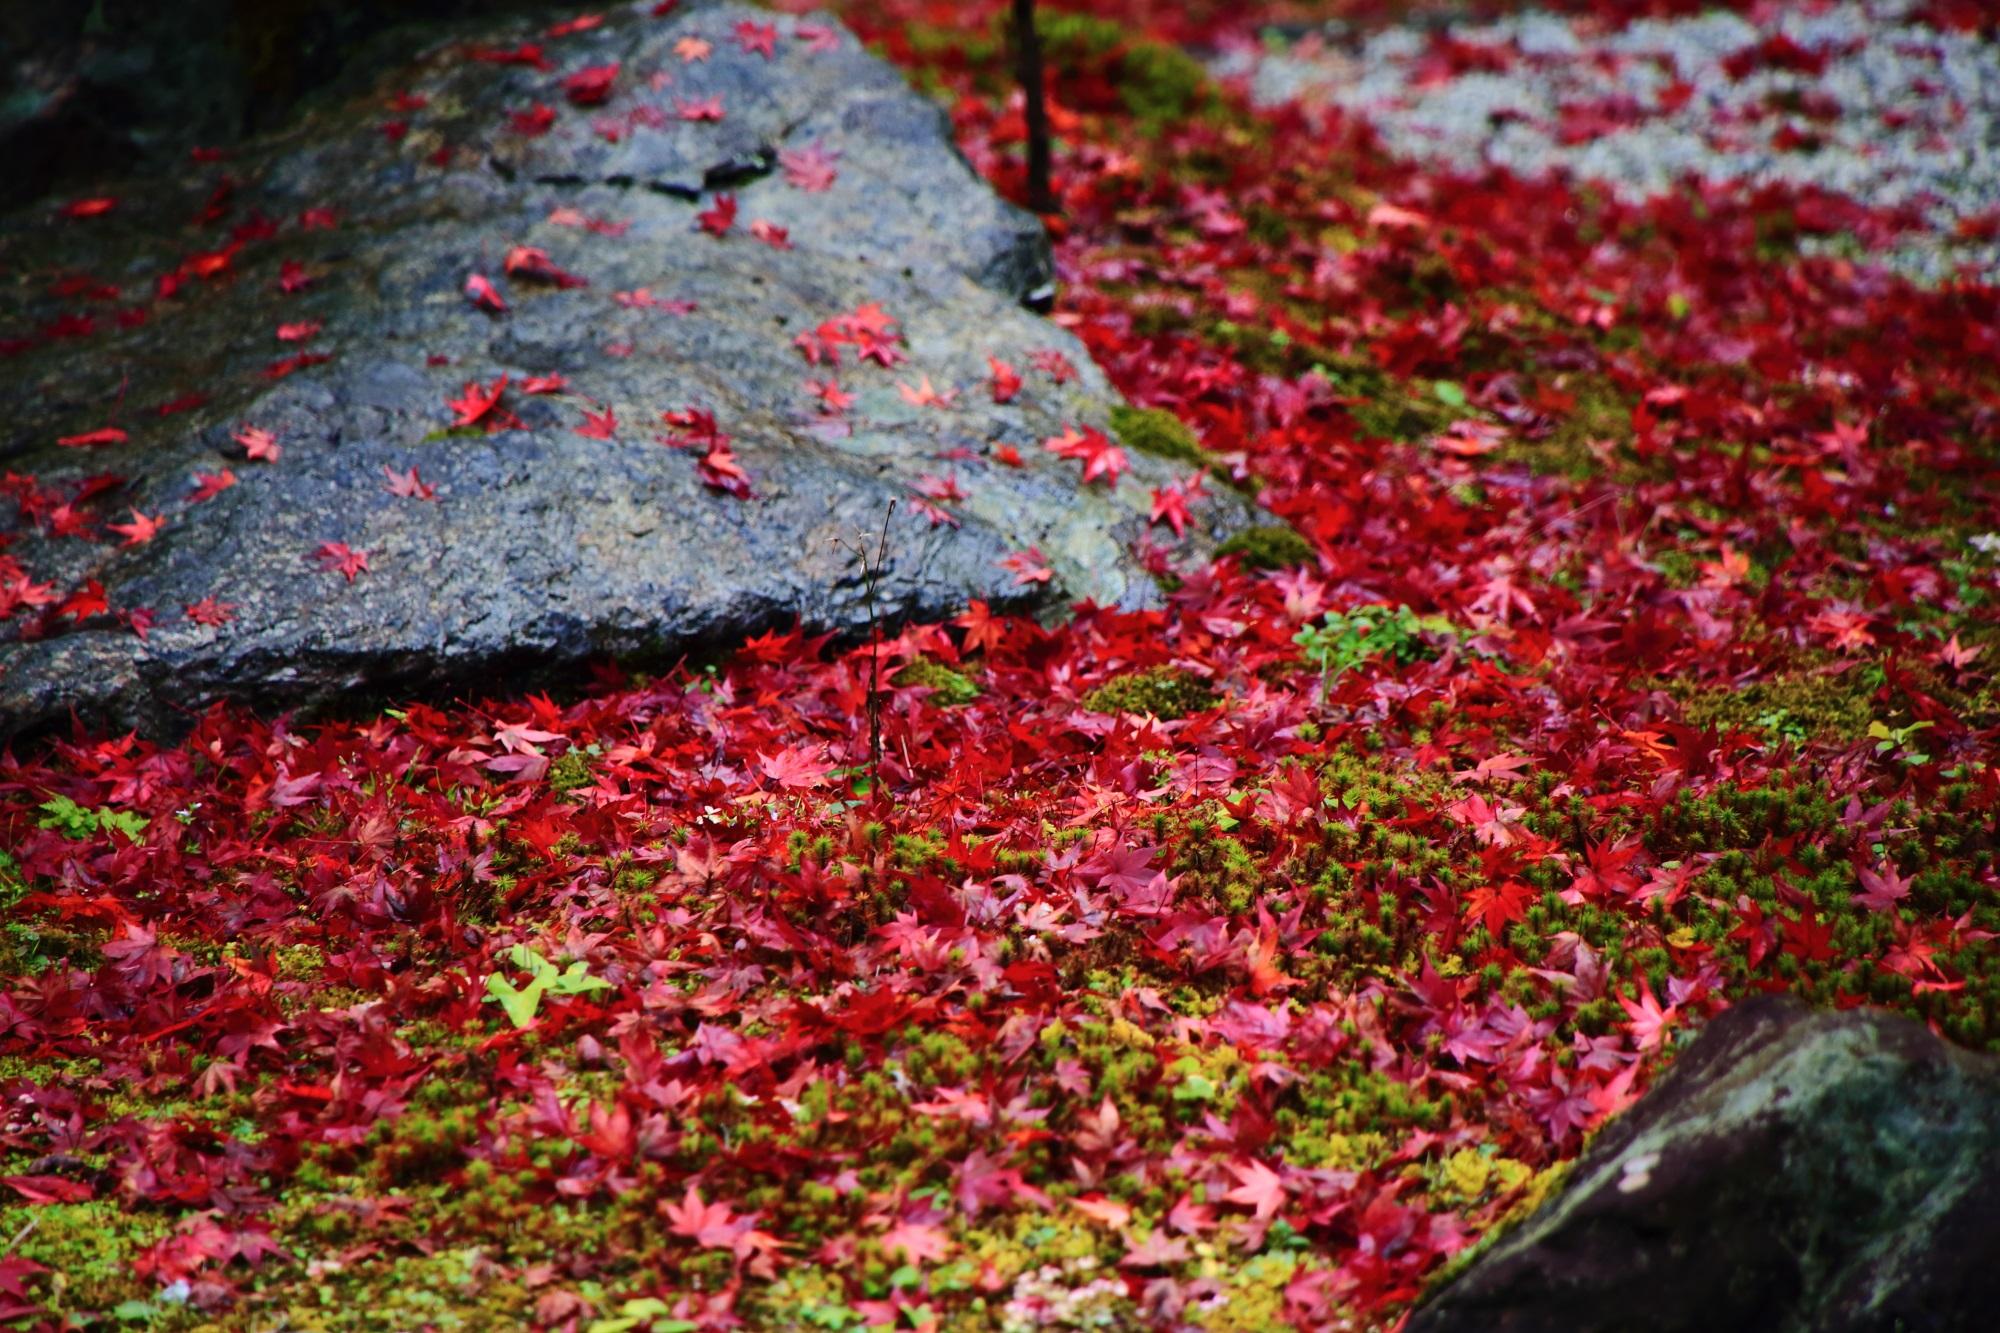 美しい散りもみじにつつまれた直指庵の阿弥陀堂庭園